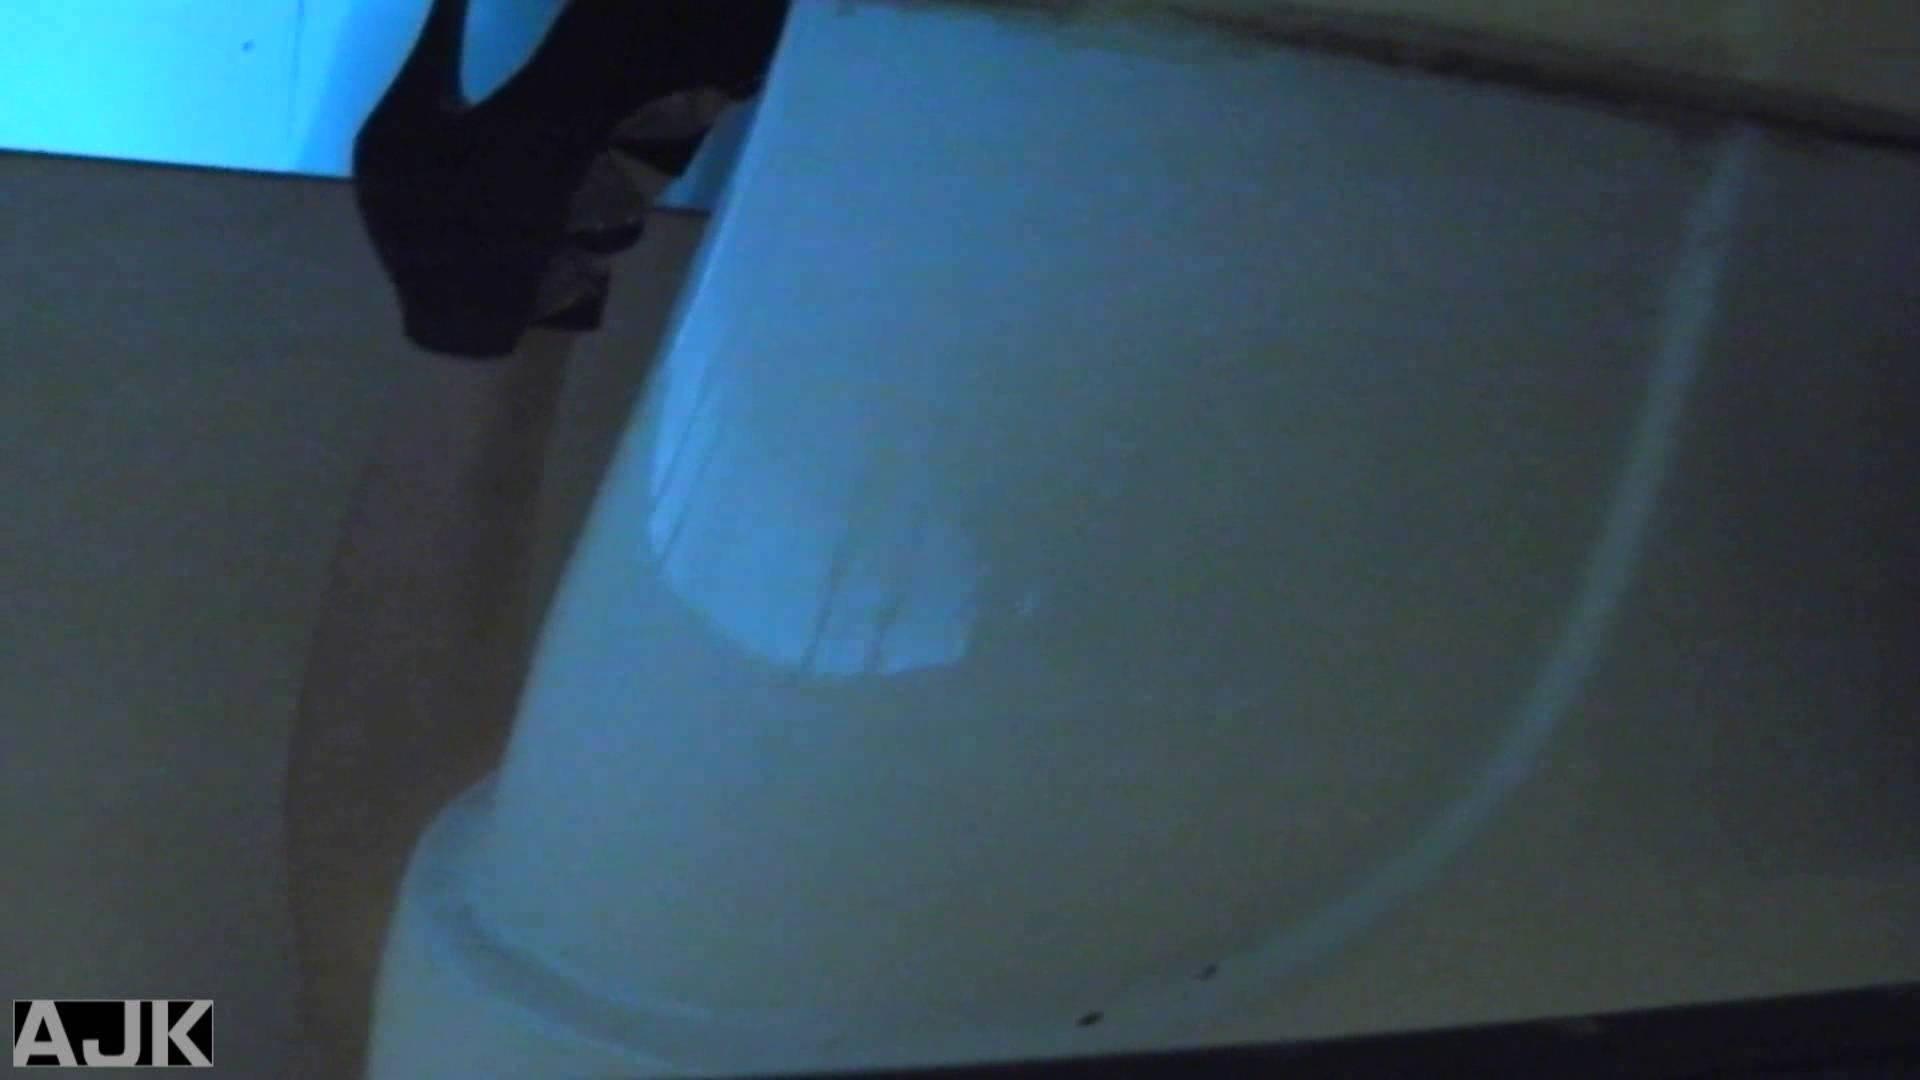 隣国上階級エリアの令嬢たちが集うデパートお手洗い Vol.12 オマンコ見放題 スケベ動画紹介 99枚 50